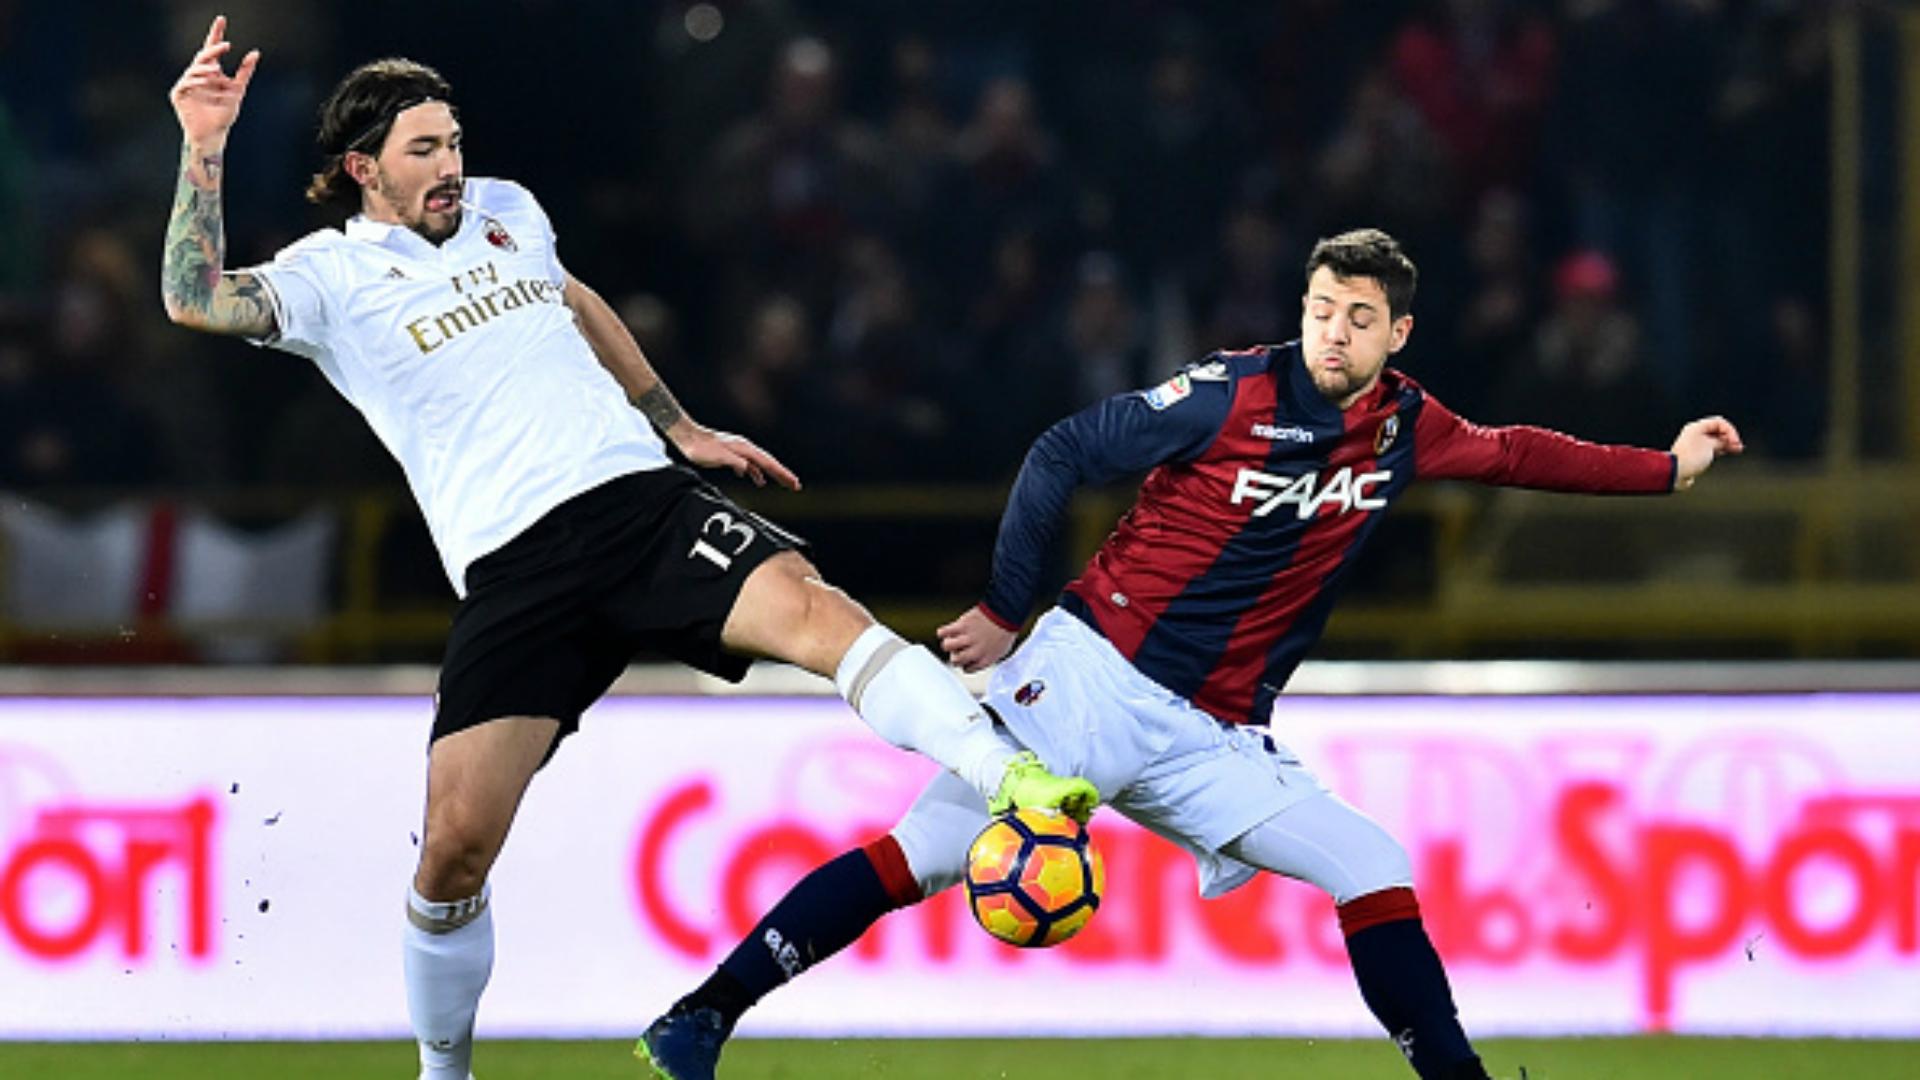 Lazio-Milan: in campo Murgia e Bertolacci, sarà sfida tra cognati